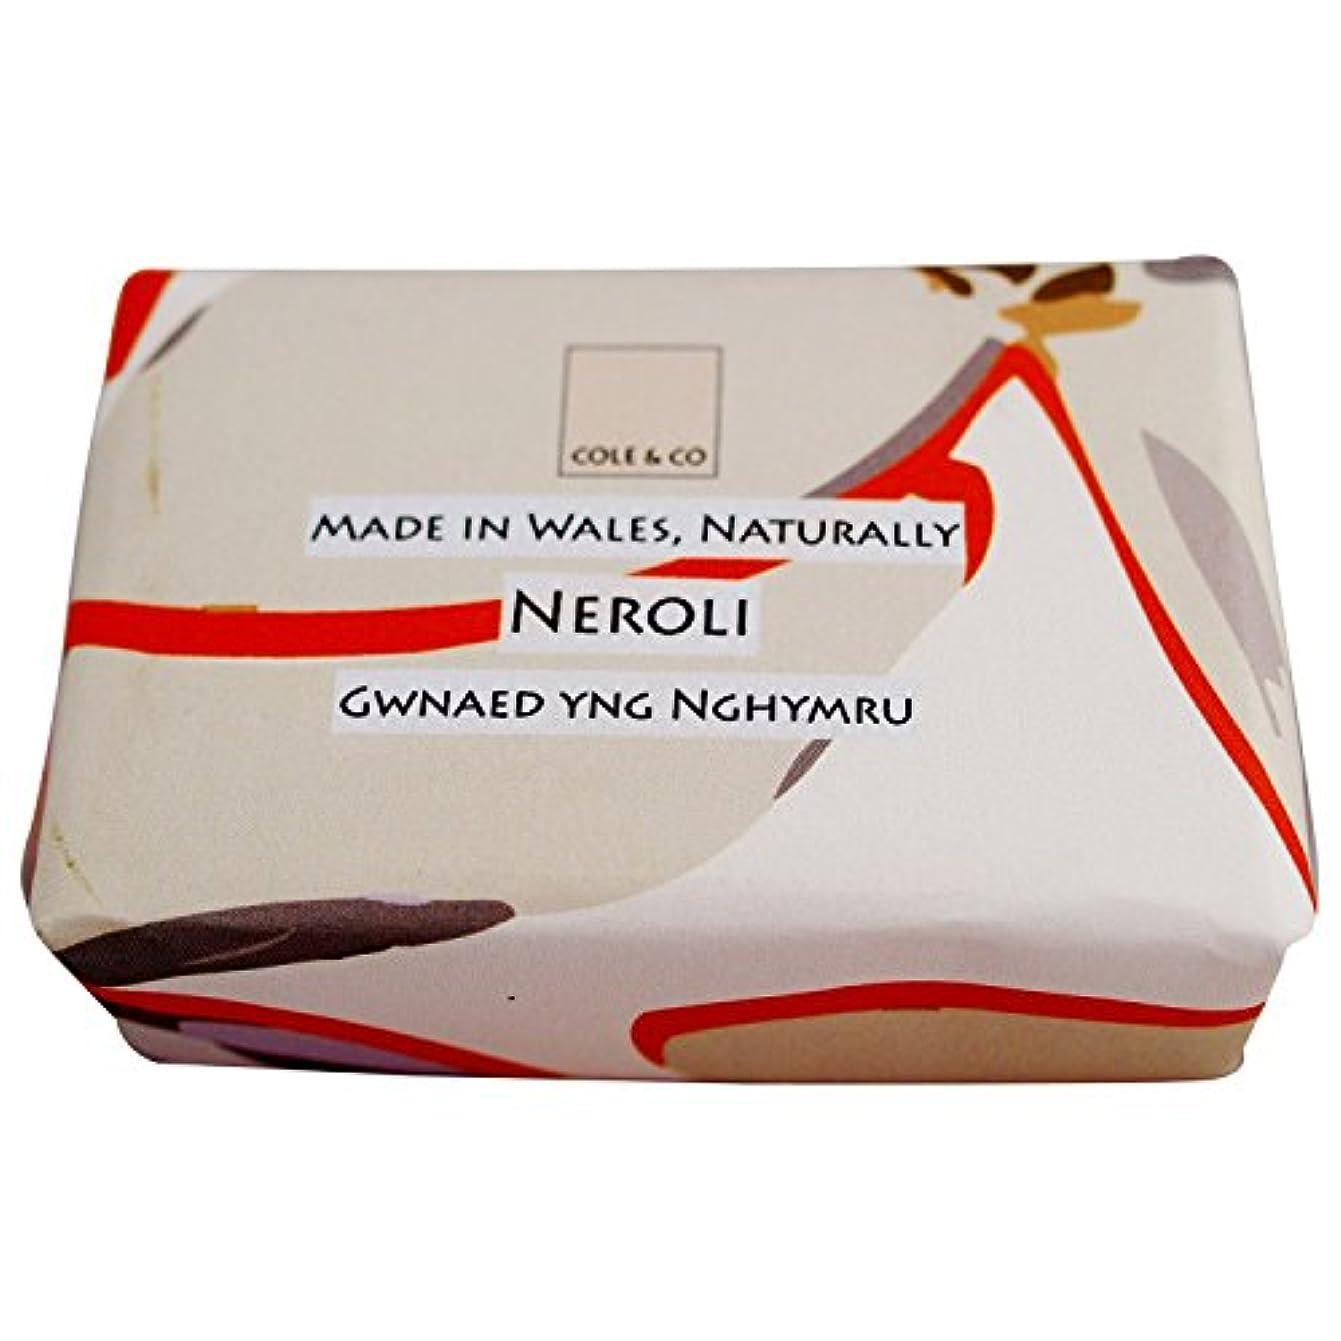 ポーター座標お金コール&共同ネロリ石鹸80グラム (Cole & Co) (x6) - Cole & Co Neroli Soap 80g (Pack of 6) [並行輸入品]